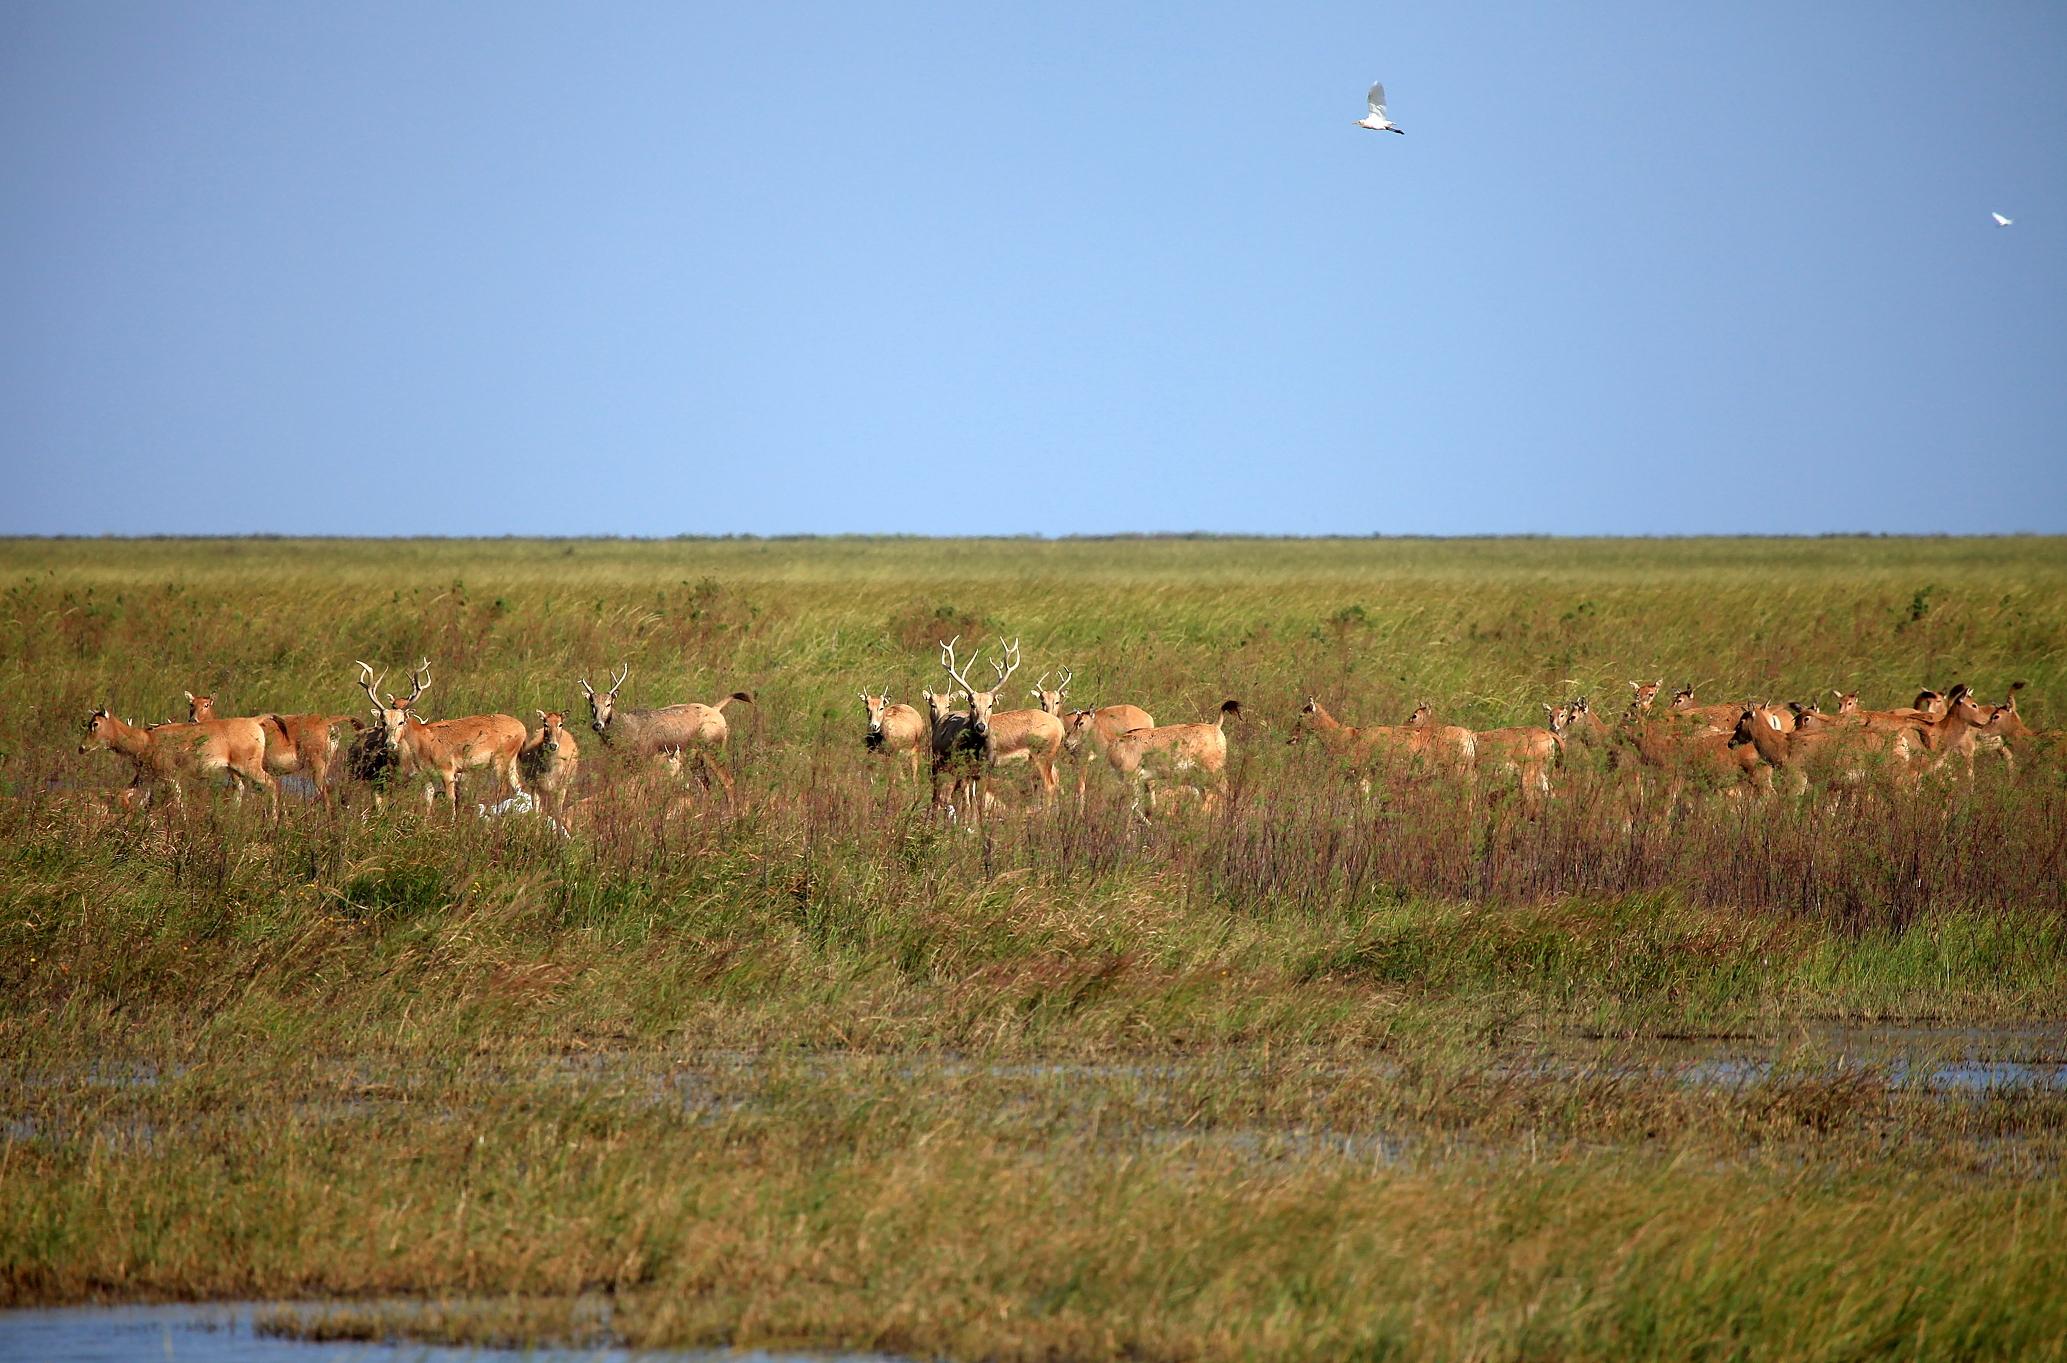 合作从英国伦敦的七家动物园引种39头麋鹿到保护区